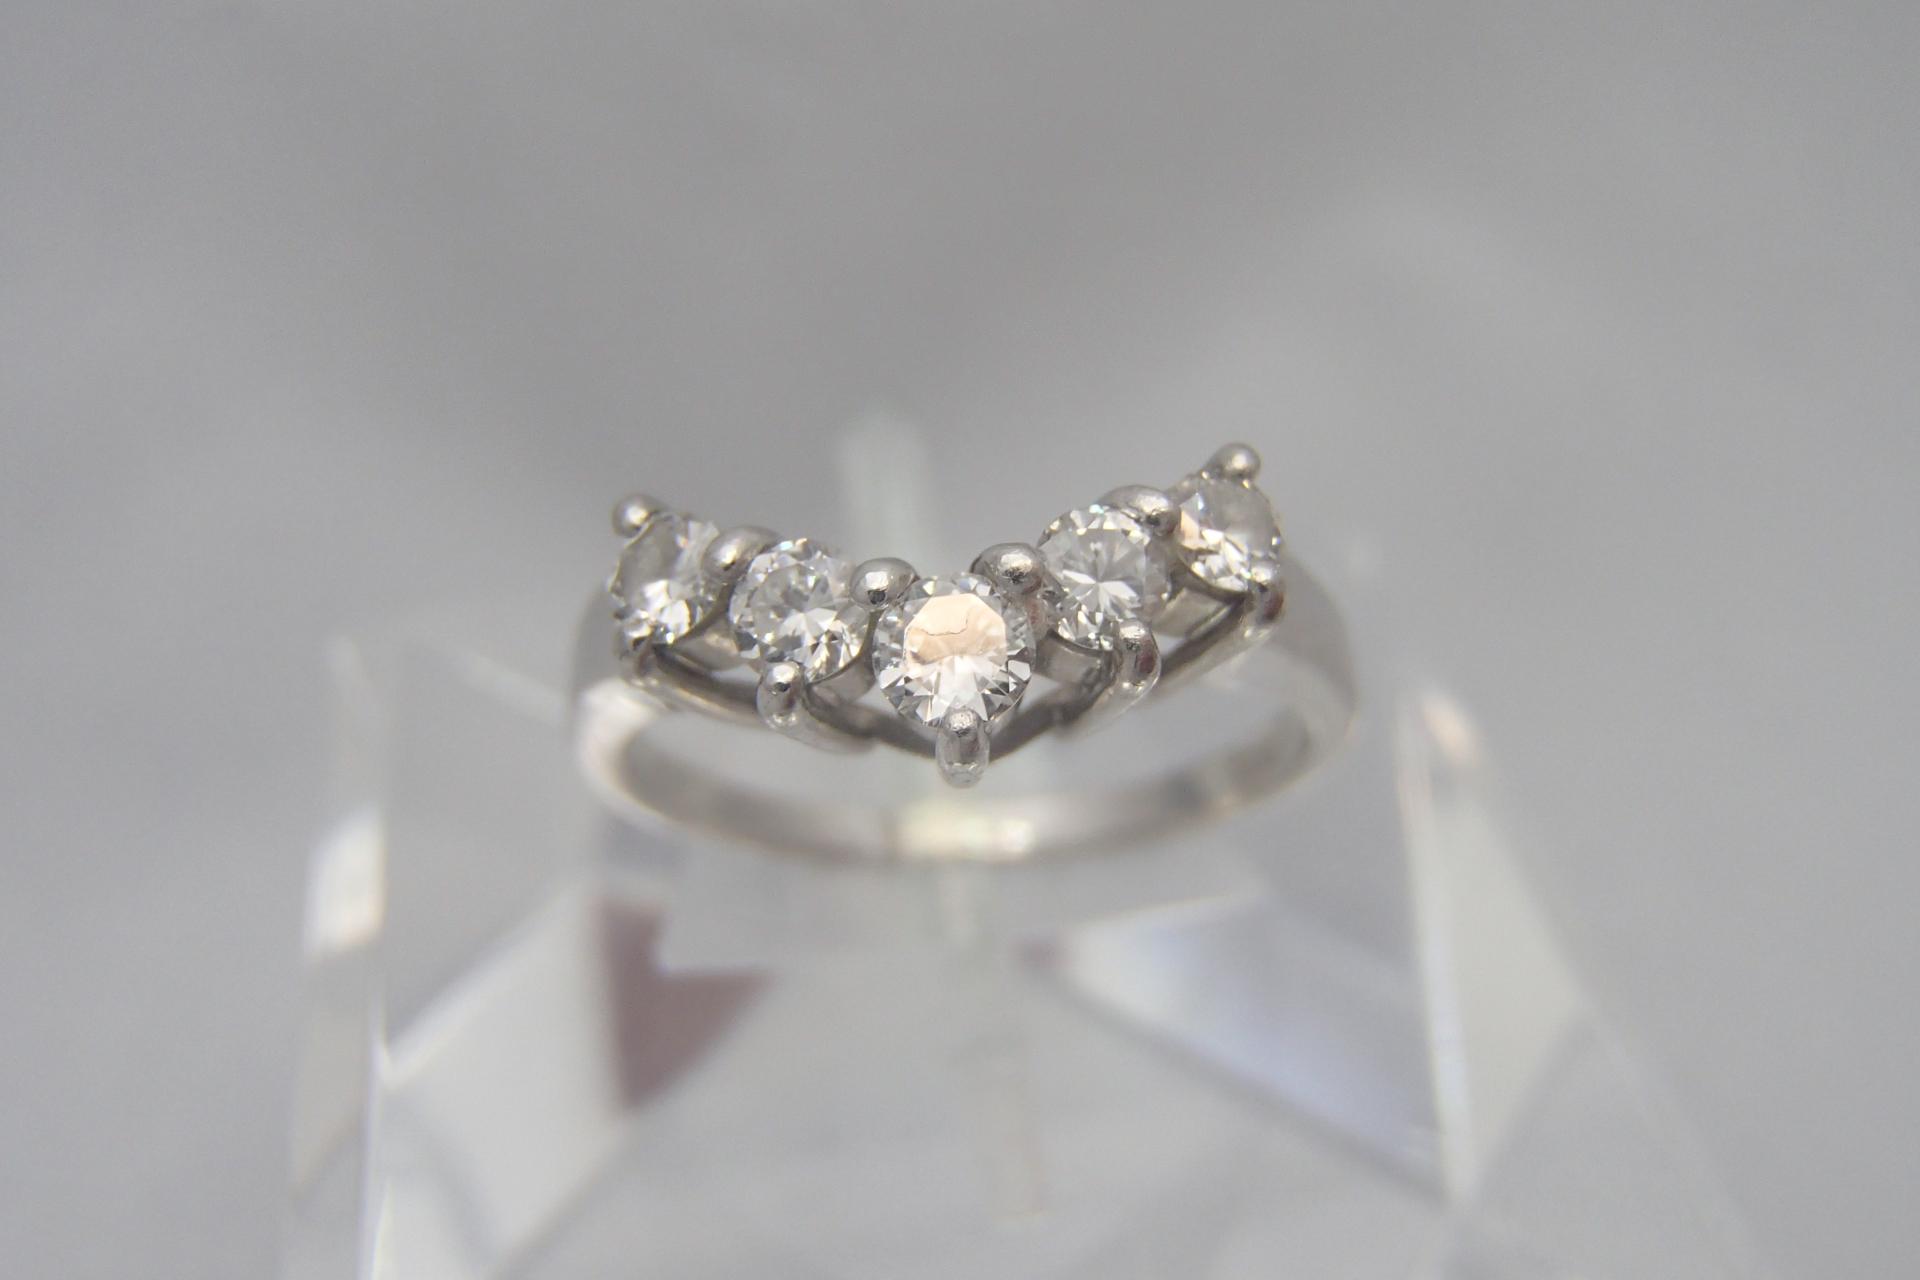 ダイヤモンドのアクセサリーで人気なのは?